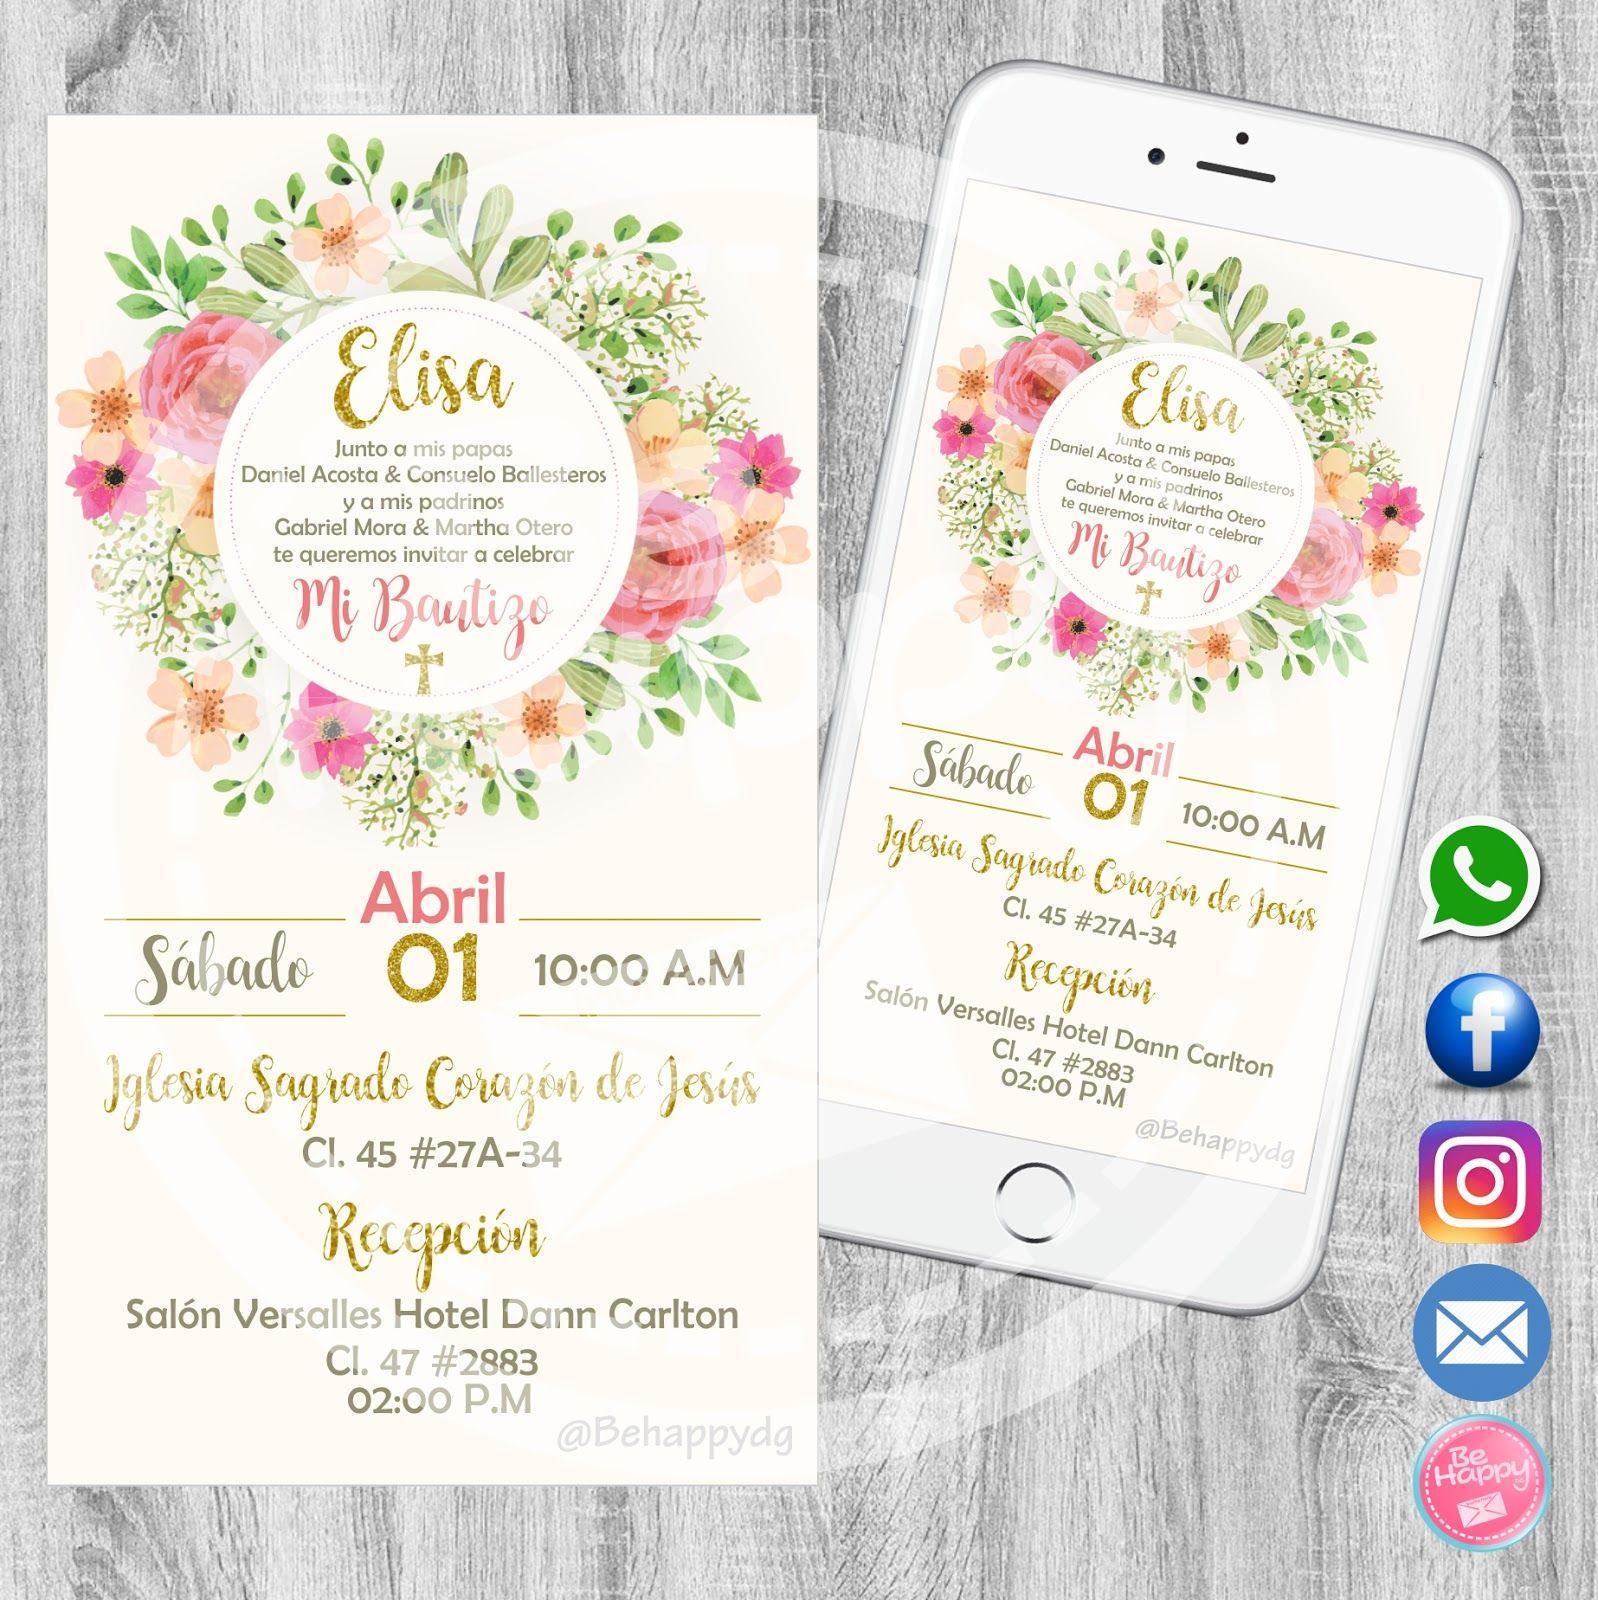 Be Happy Tarjeta De Invitación Digital Tarjeta Invitacion